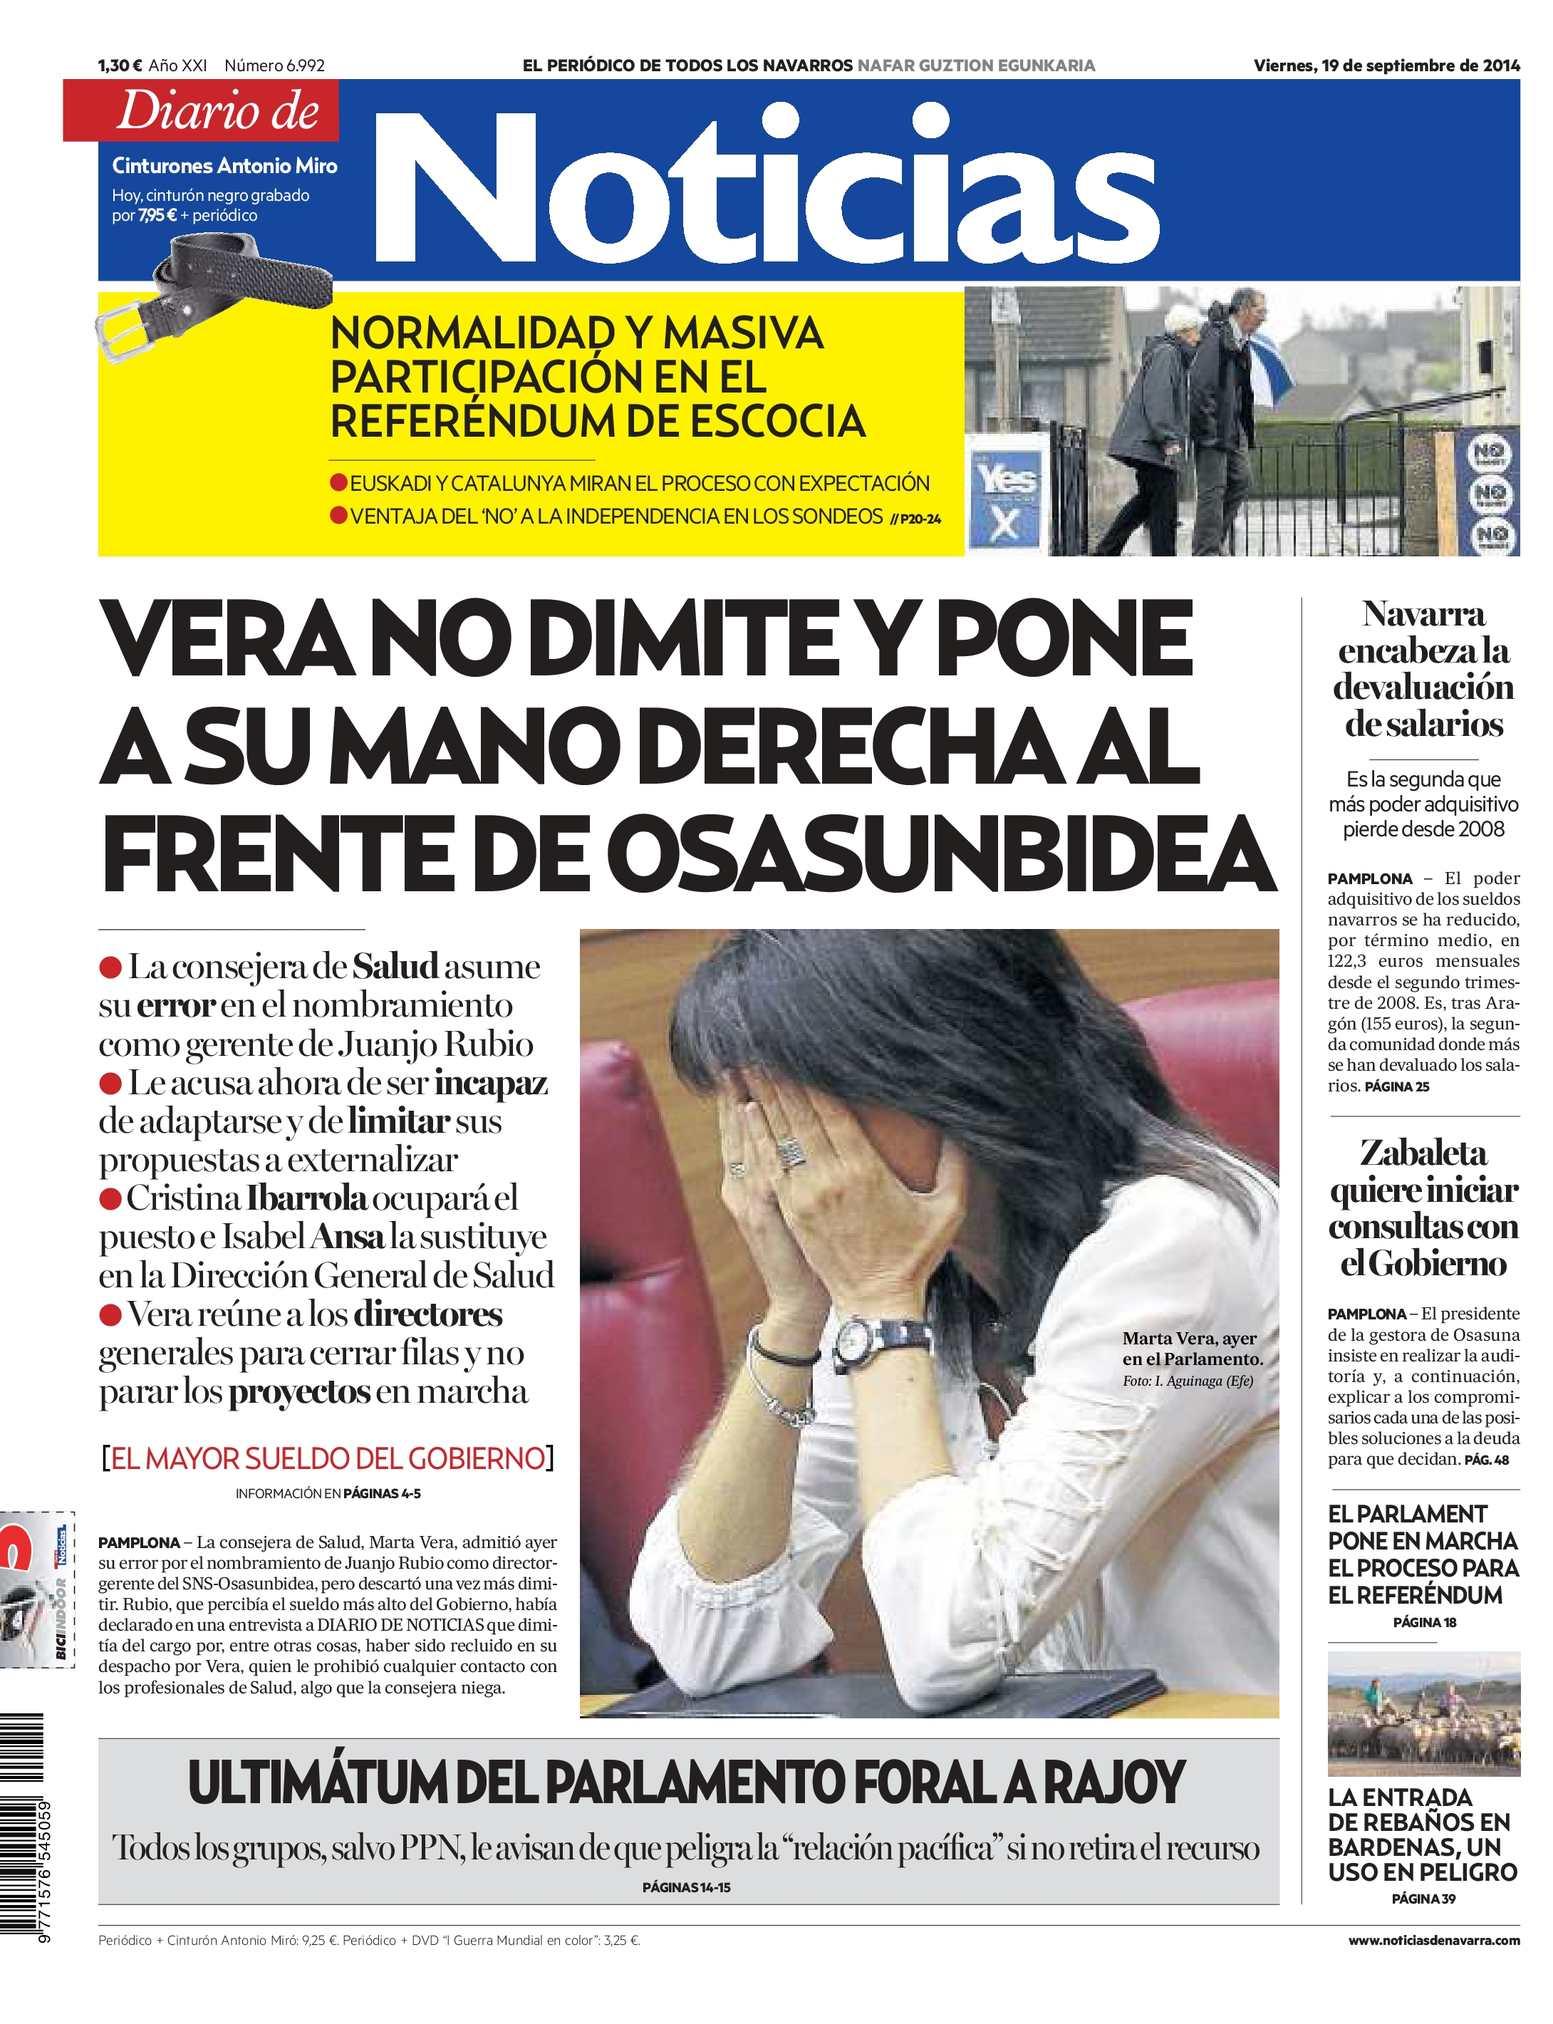 Calaméo - Diario de Noticias 20140919 730cc8c5e546